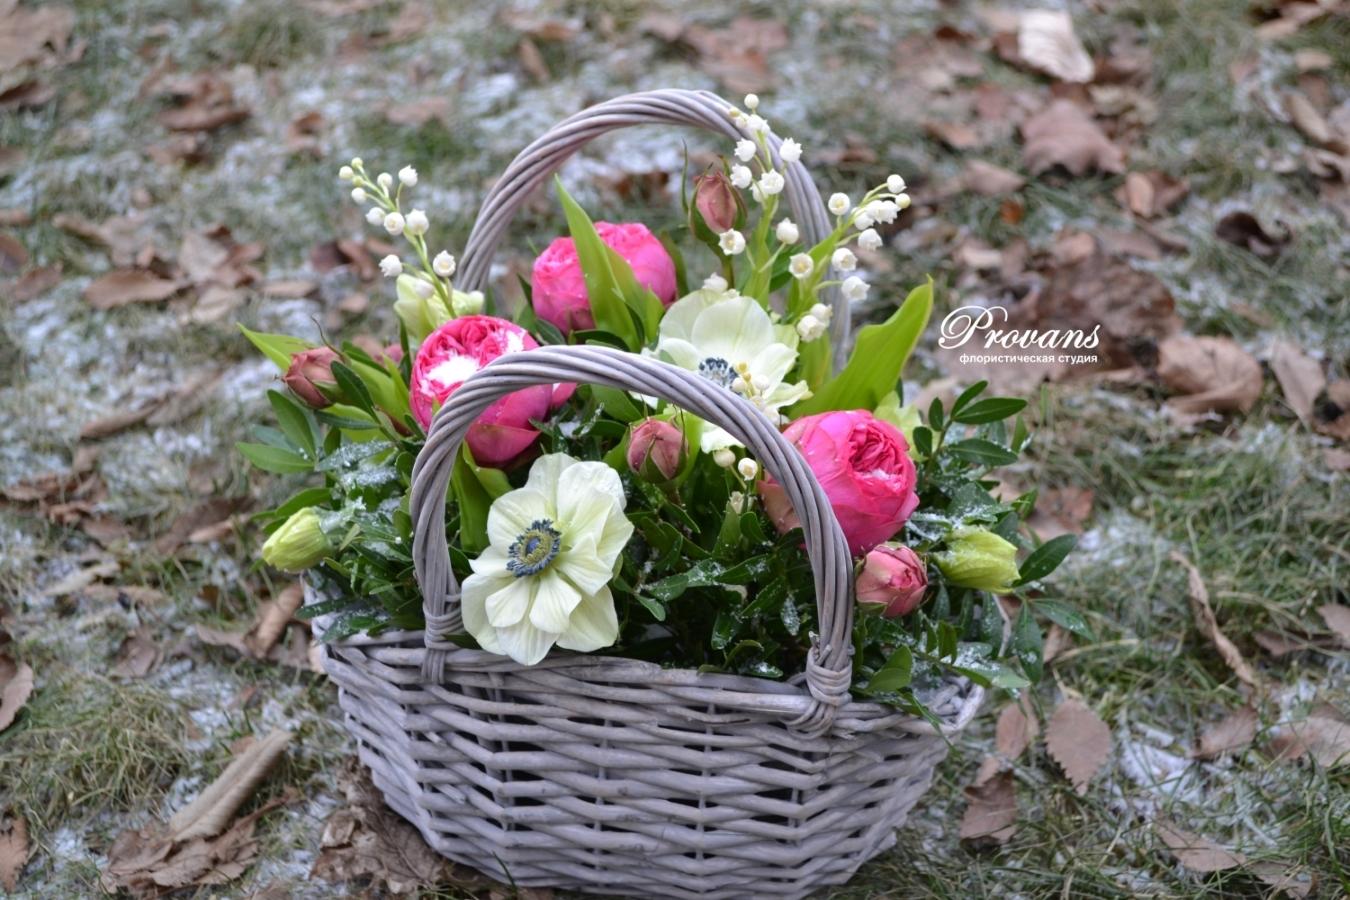 Корзина с весенними цветами. Анемоны, ландыши, пионовидная роза